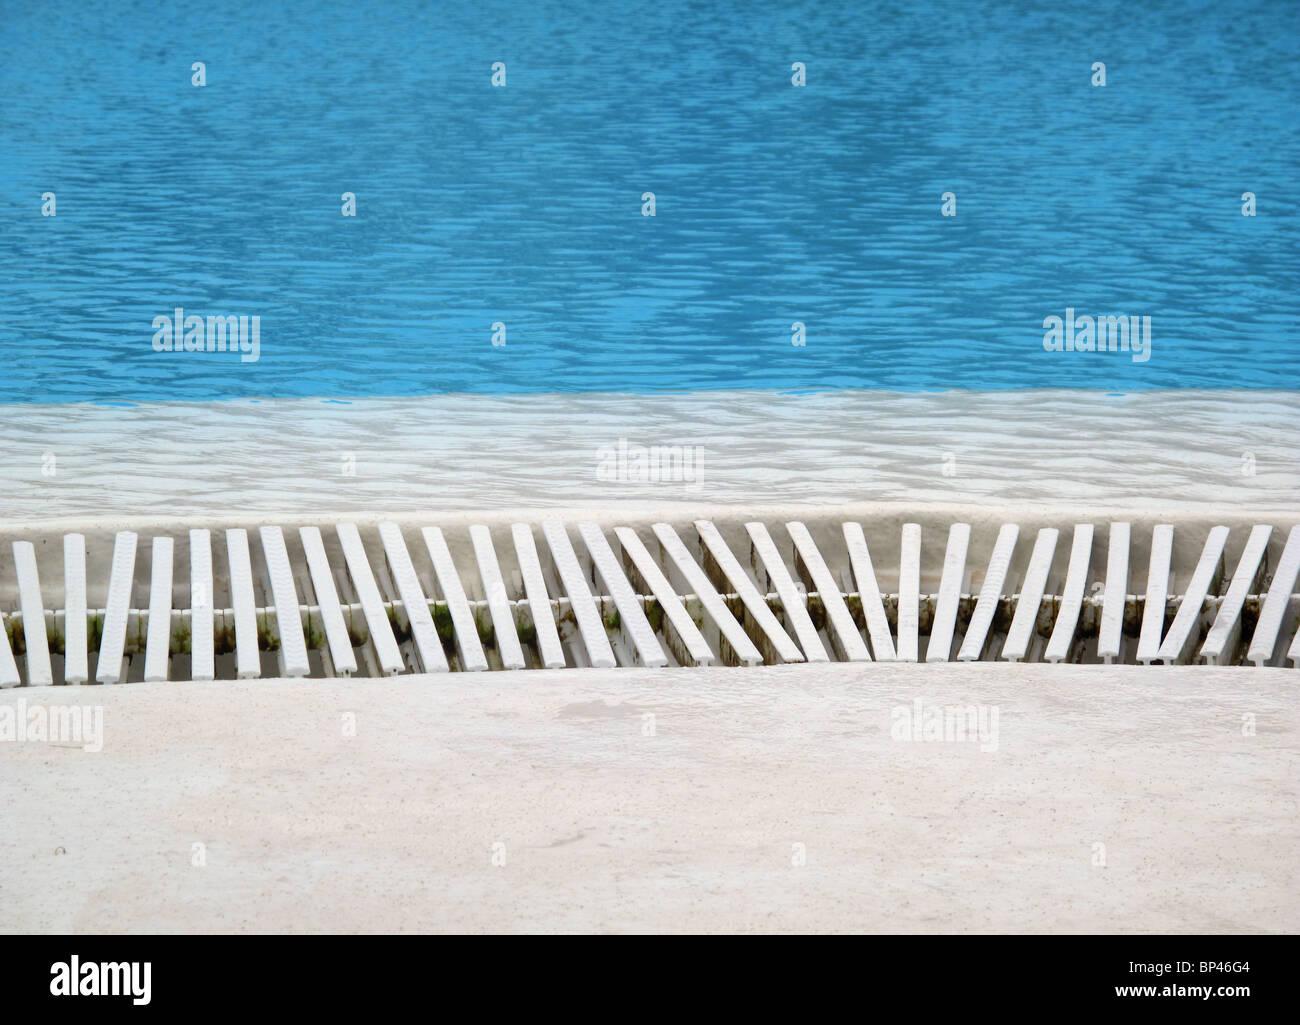 Drain grate at edge of swimming pool - Stock Image